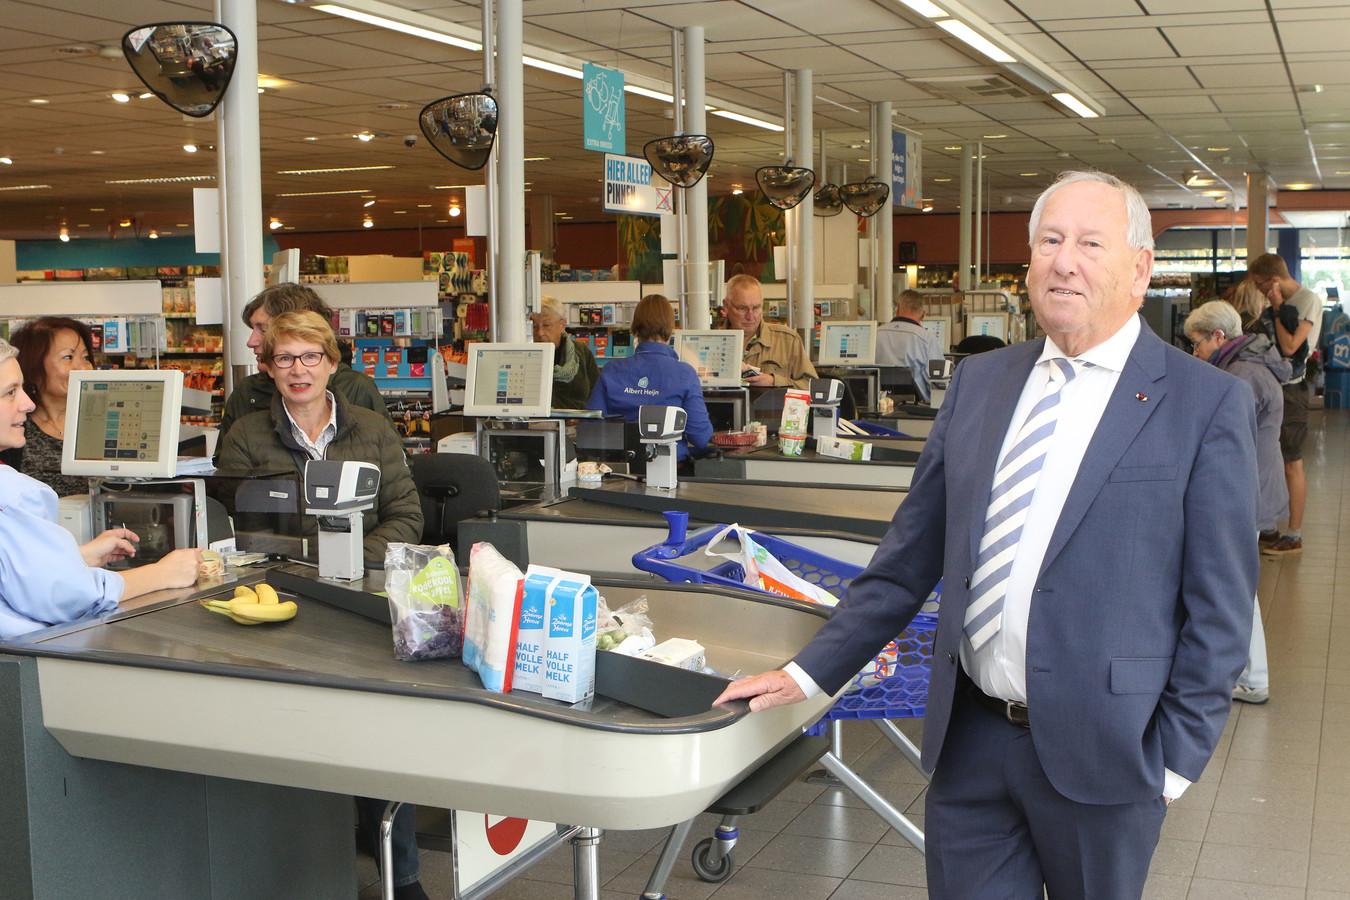 Gerard van den Tweel